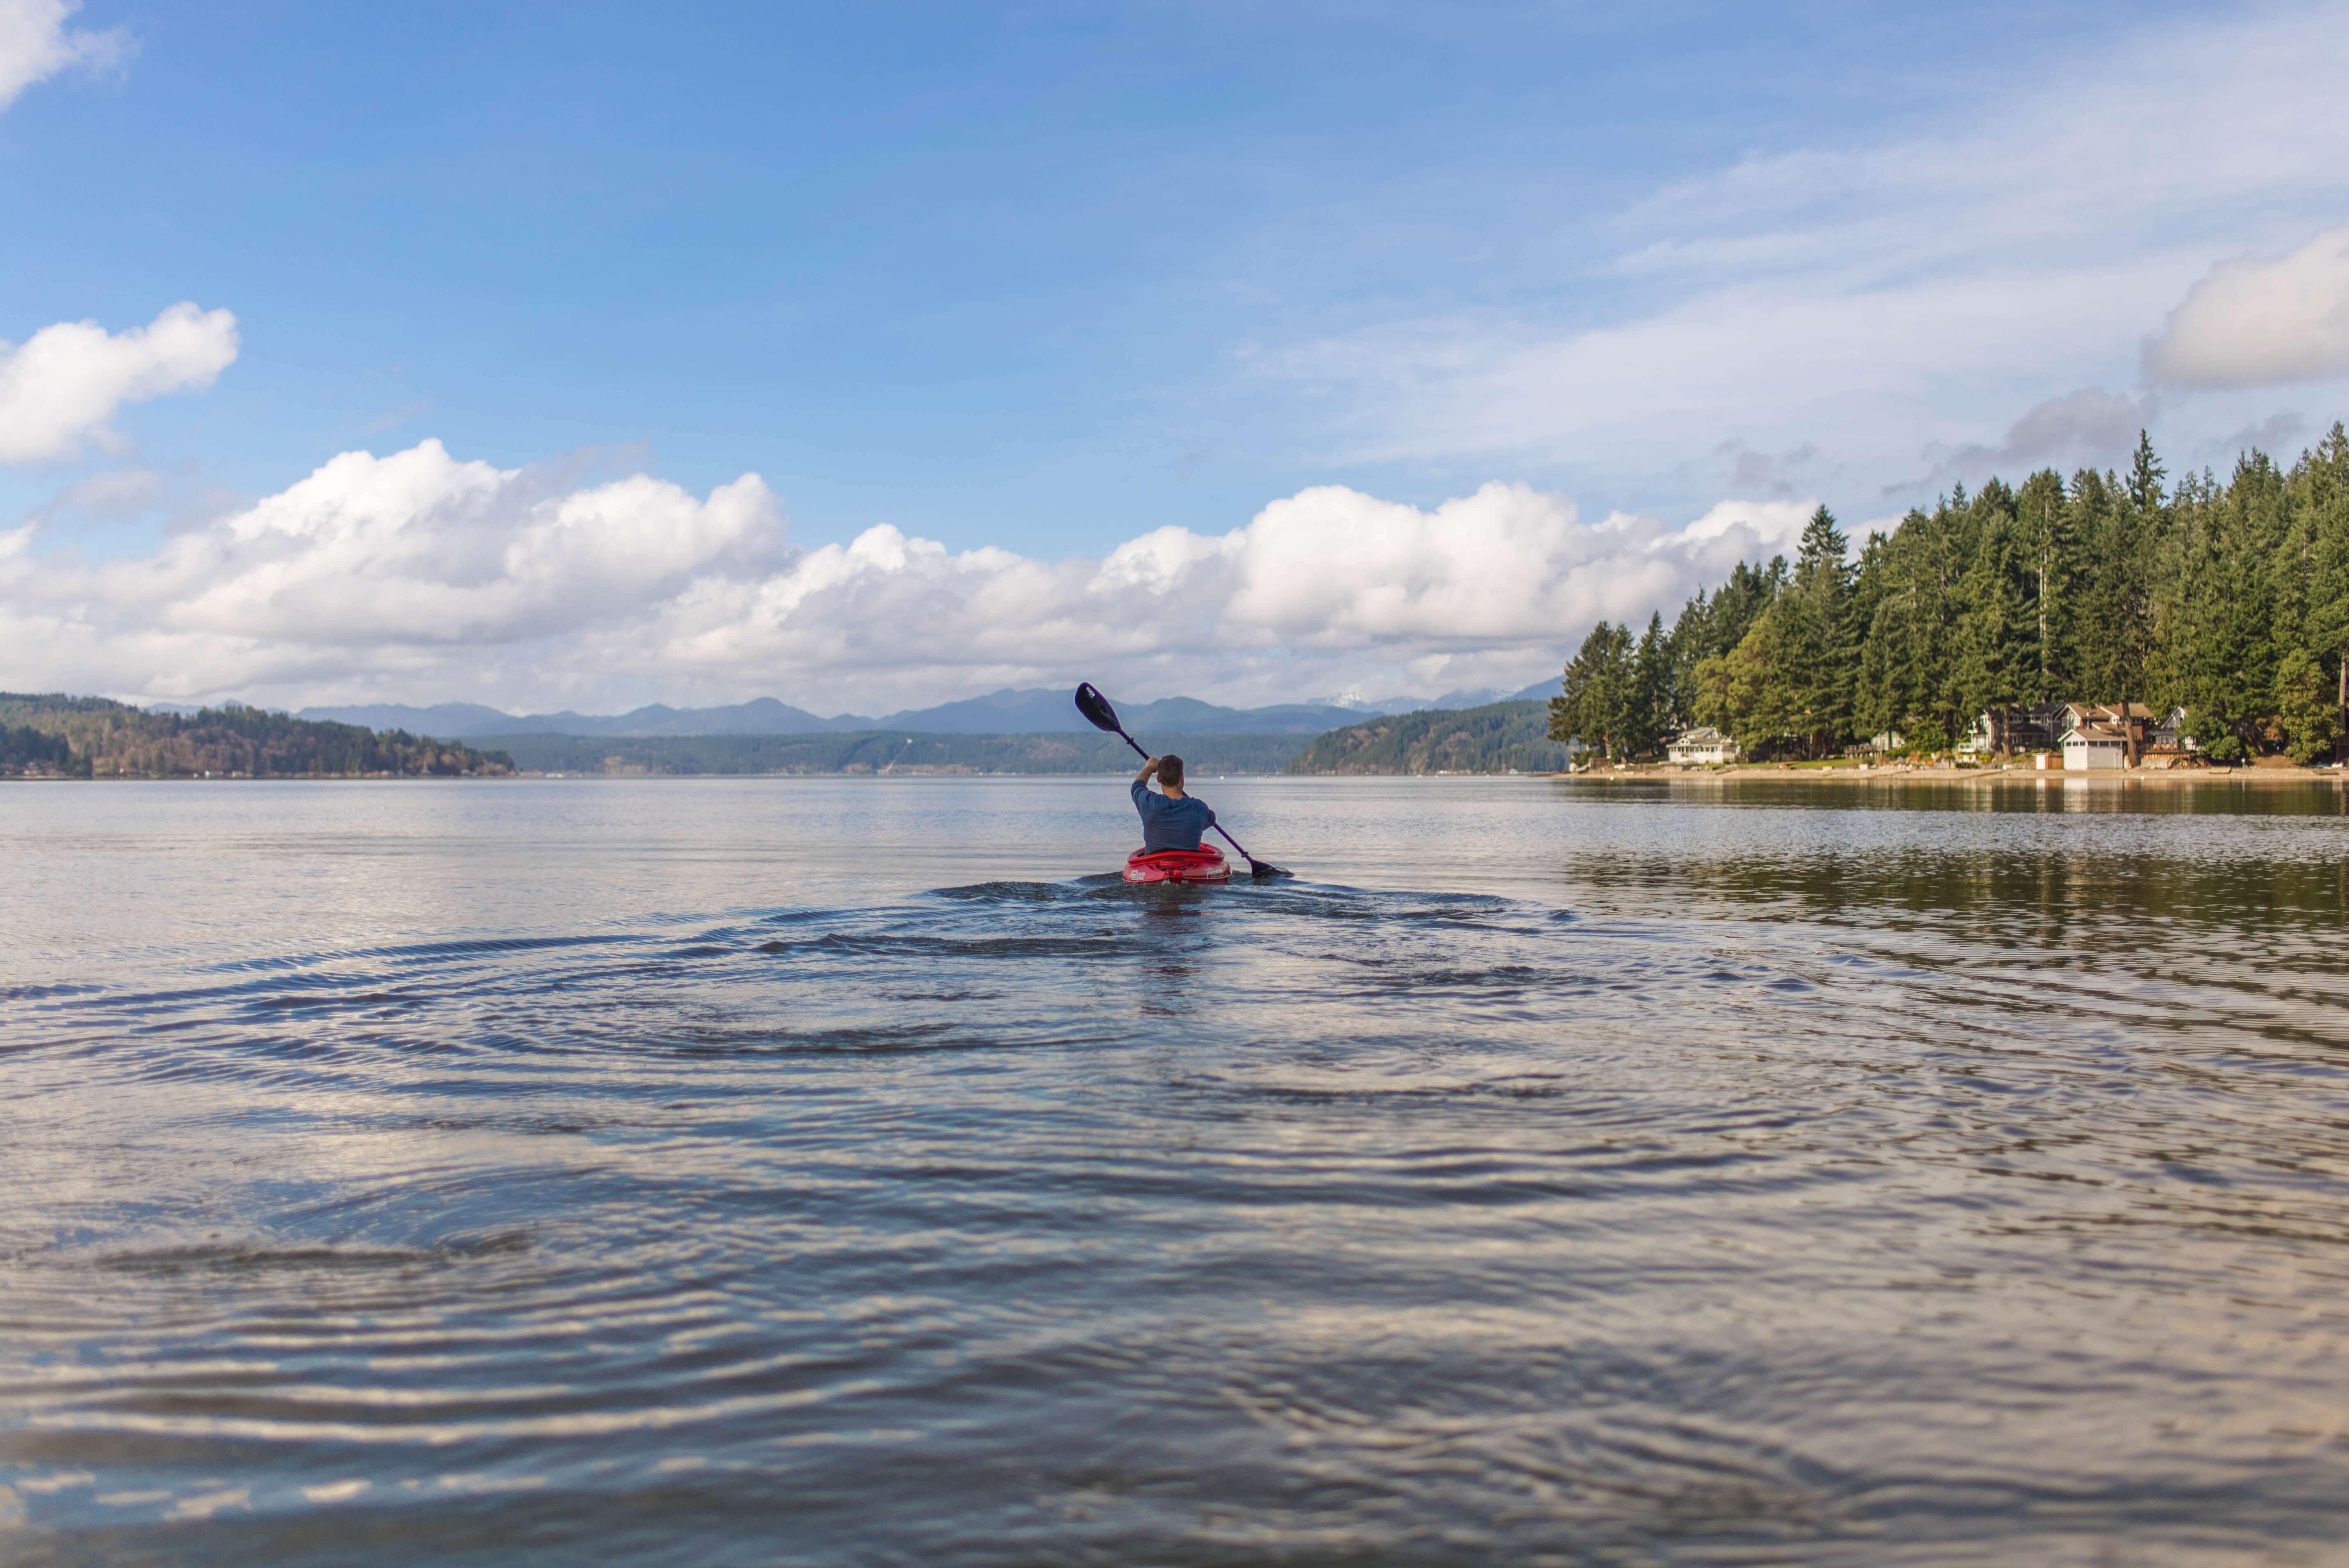 Kajak træning i søen kan være ekstremt hyggeligt, og har masser af fordele!